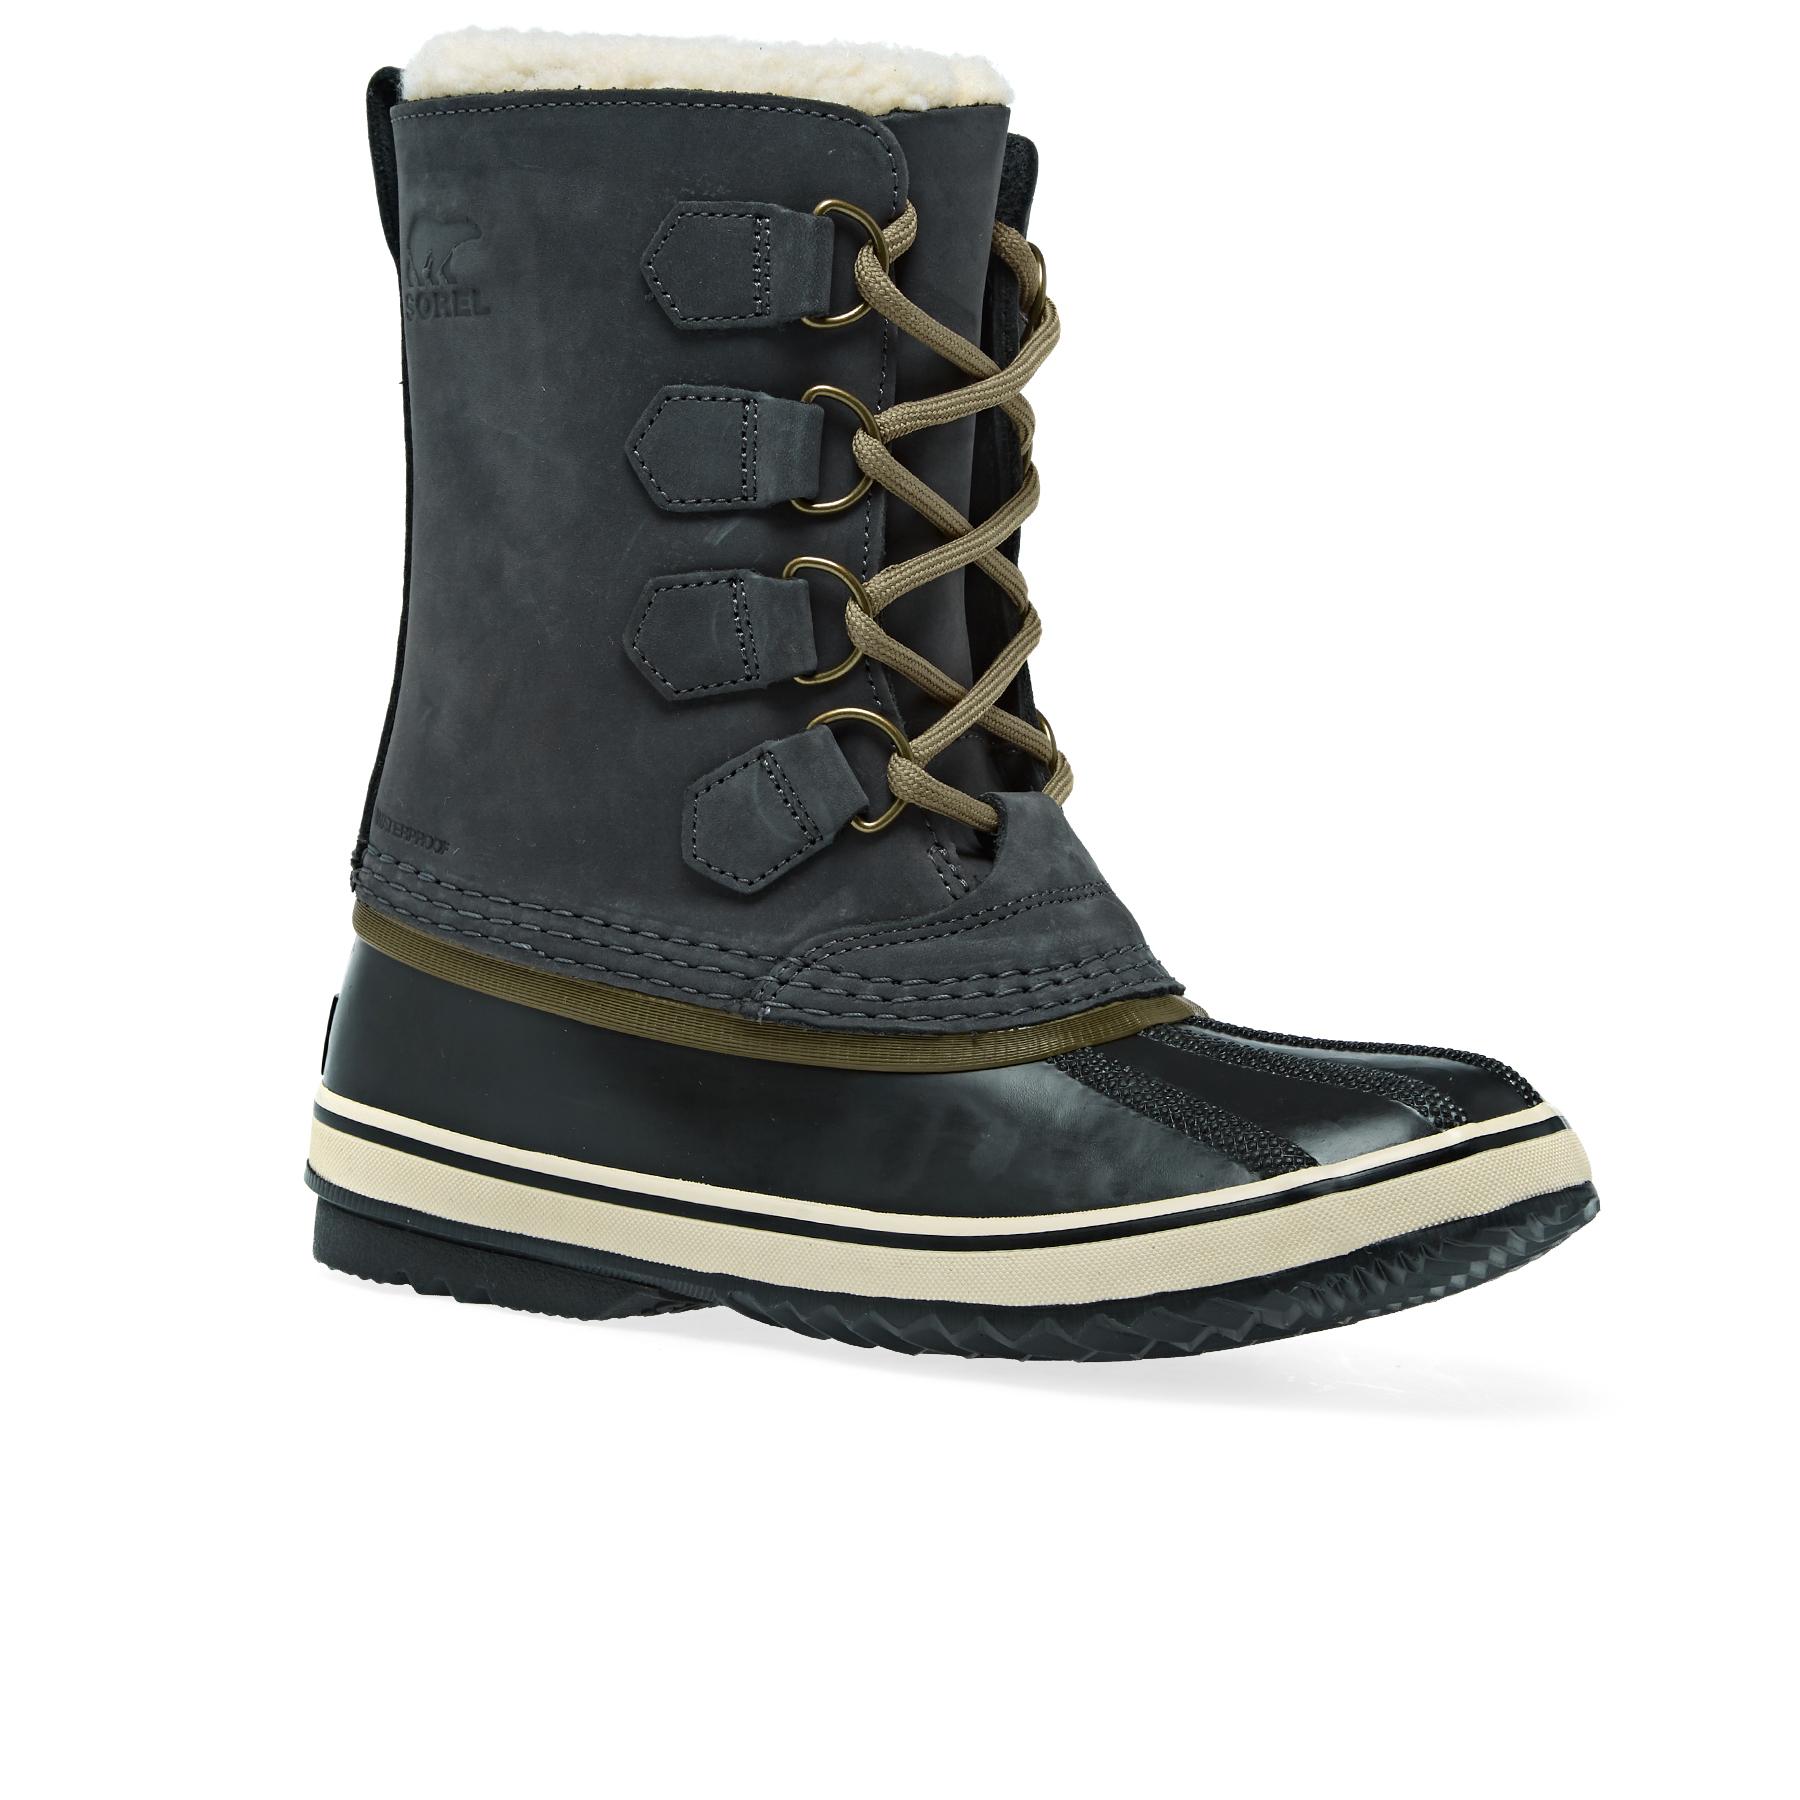 Sorel 1964 Pac 2 Faux Fur Women's Boots Coal   Country